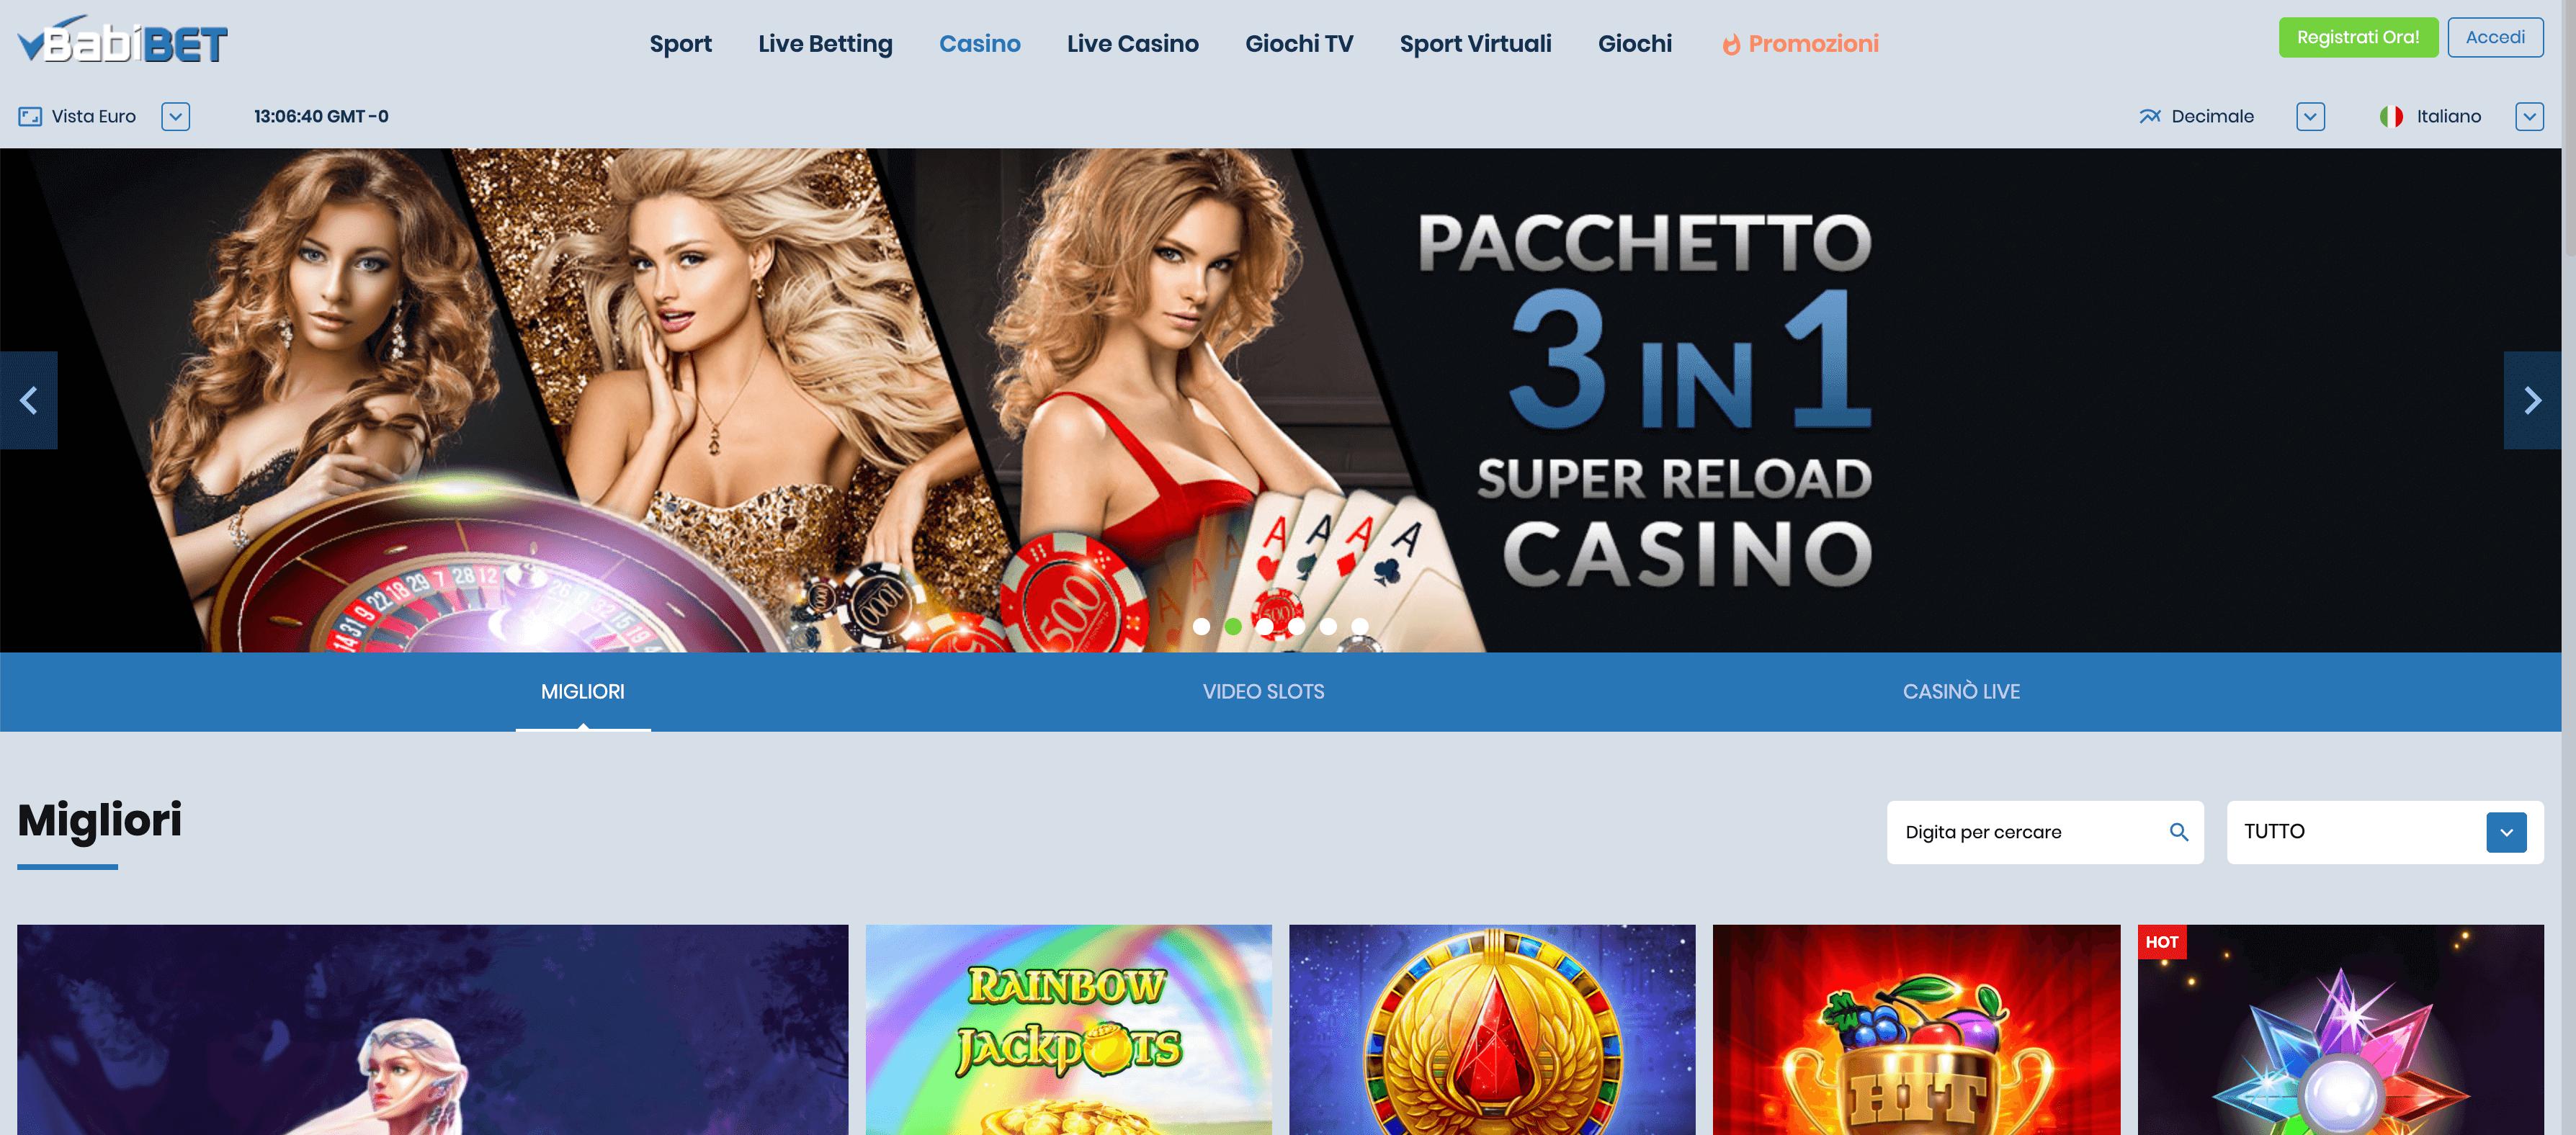 babibet casino homepage